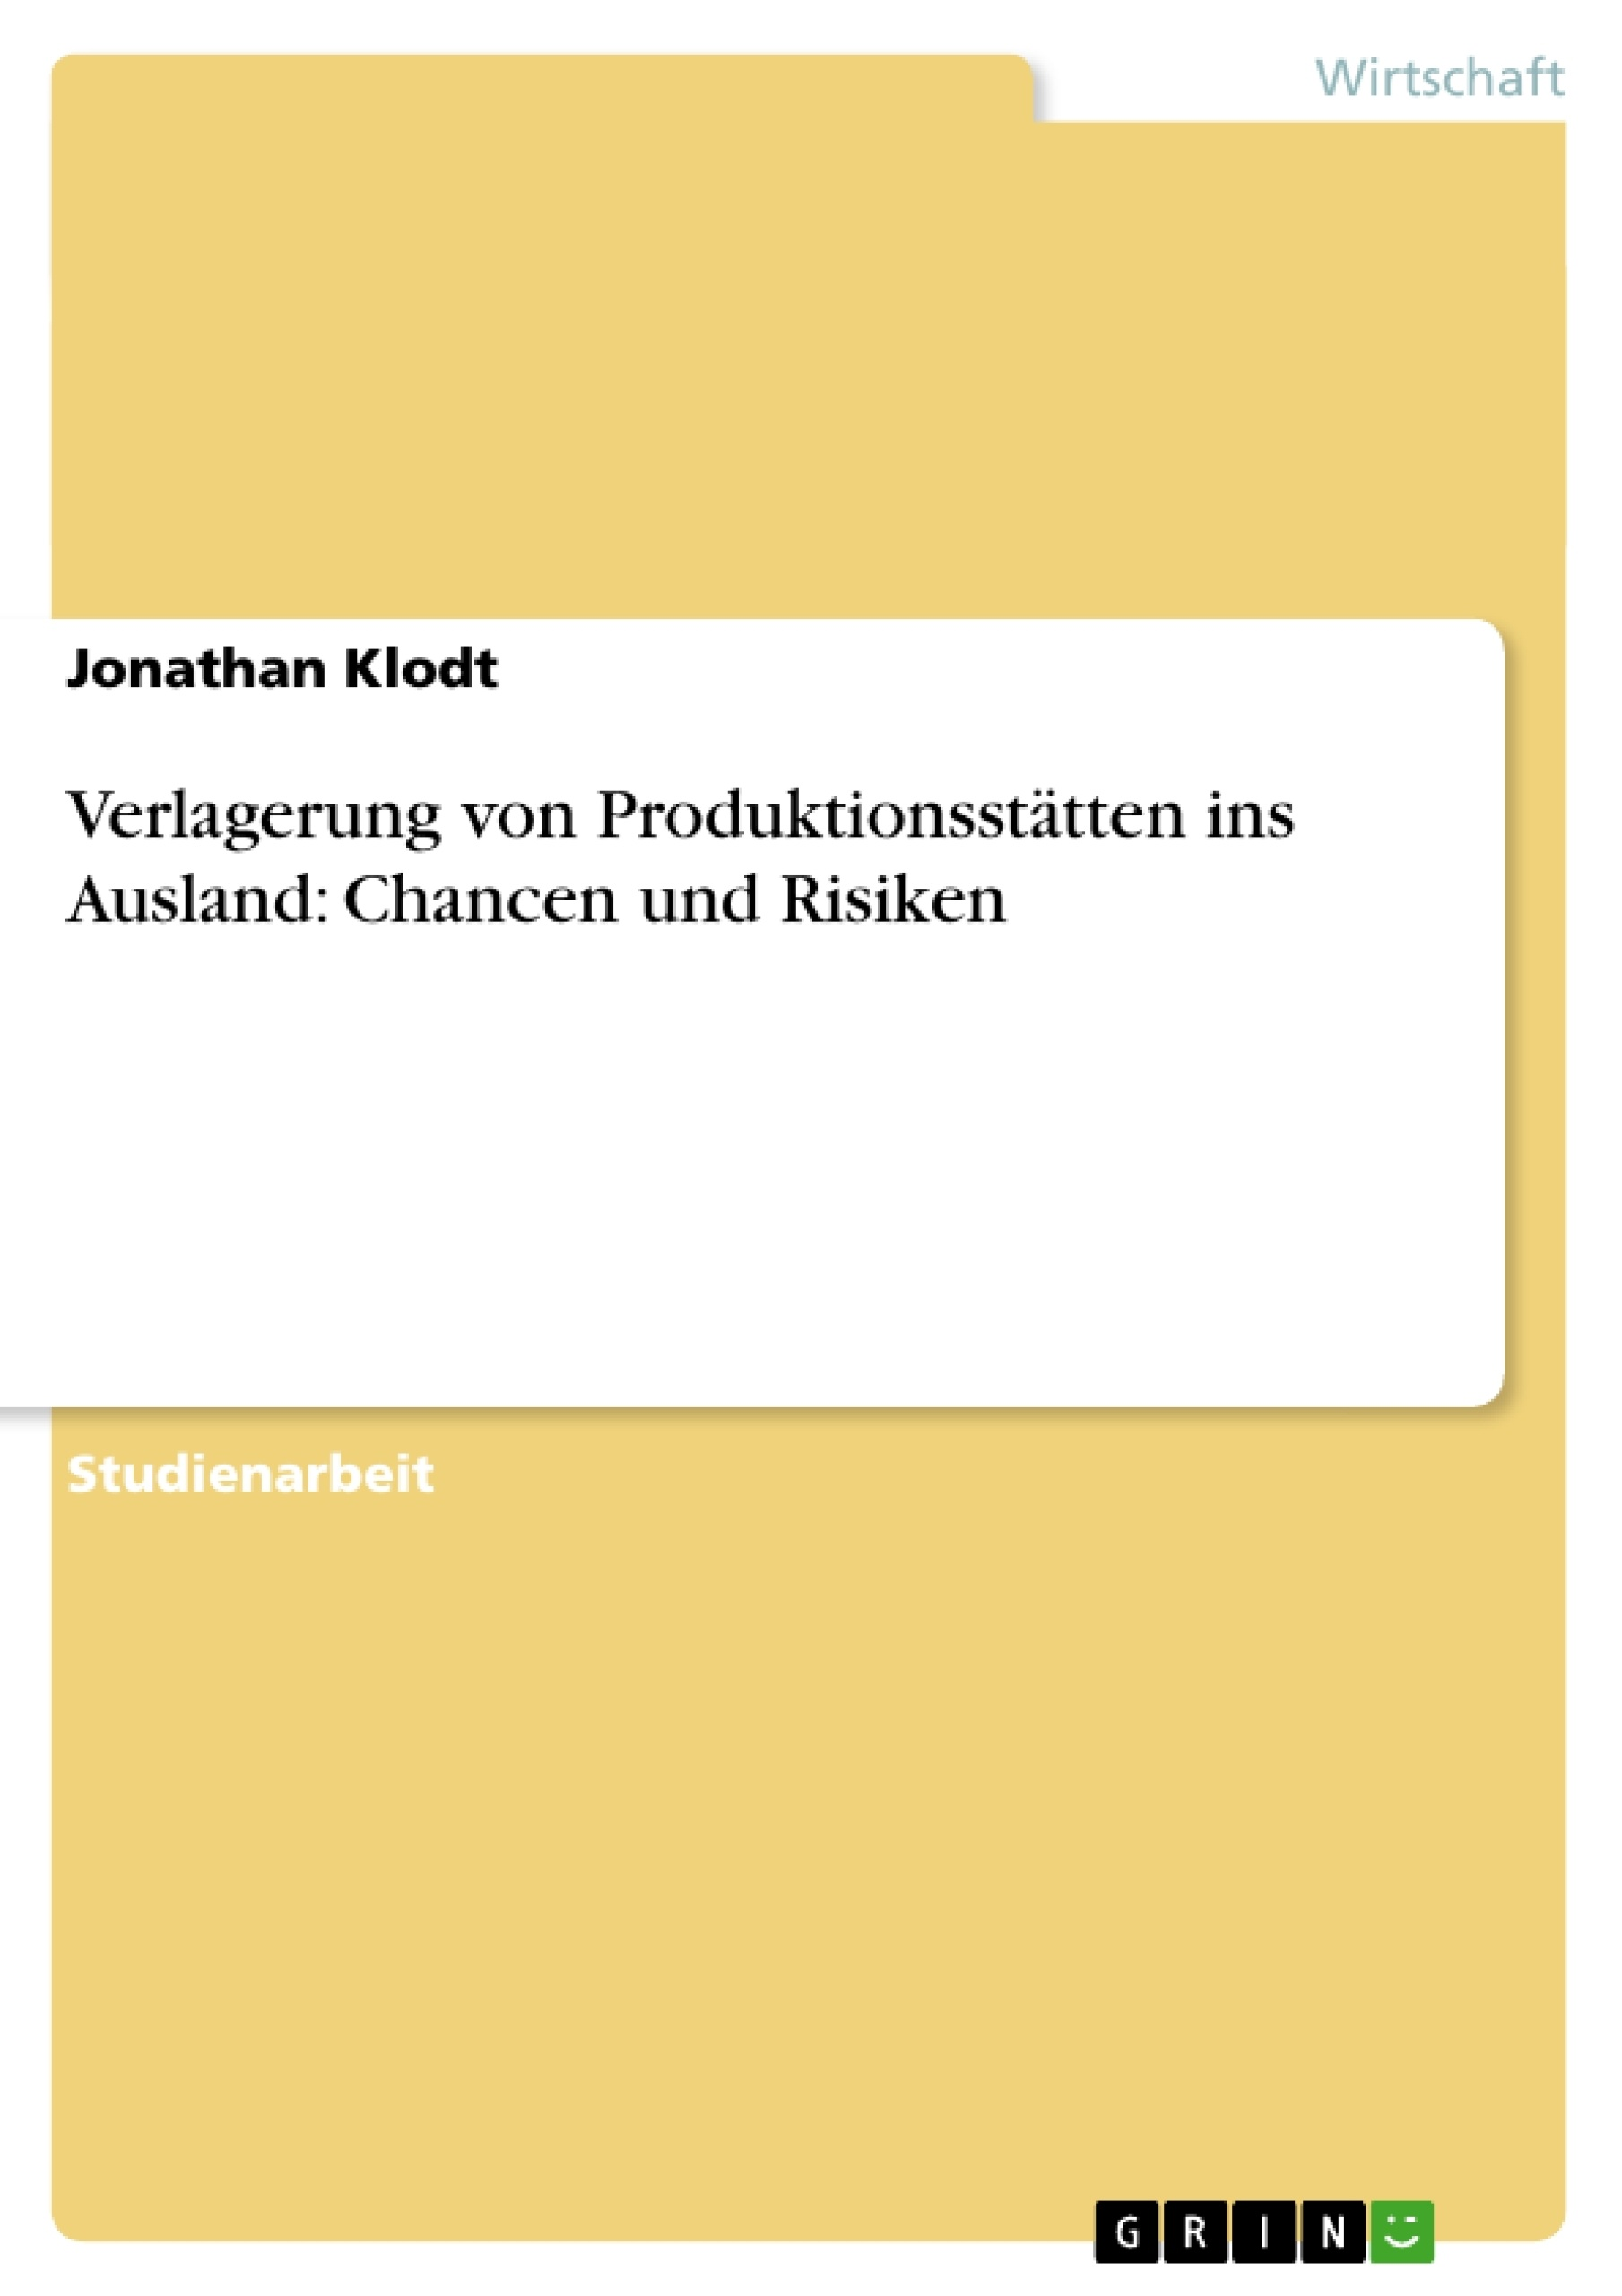 Titel: Verlagerung von Produktionsstätten ins Ausland: Chancen und Risiken